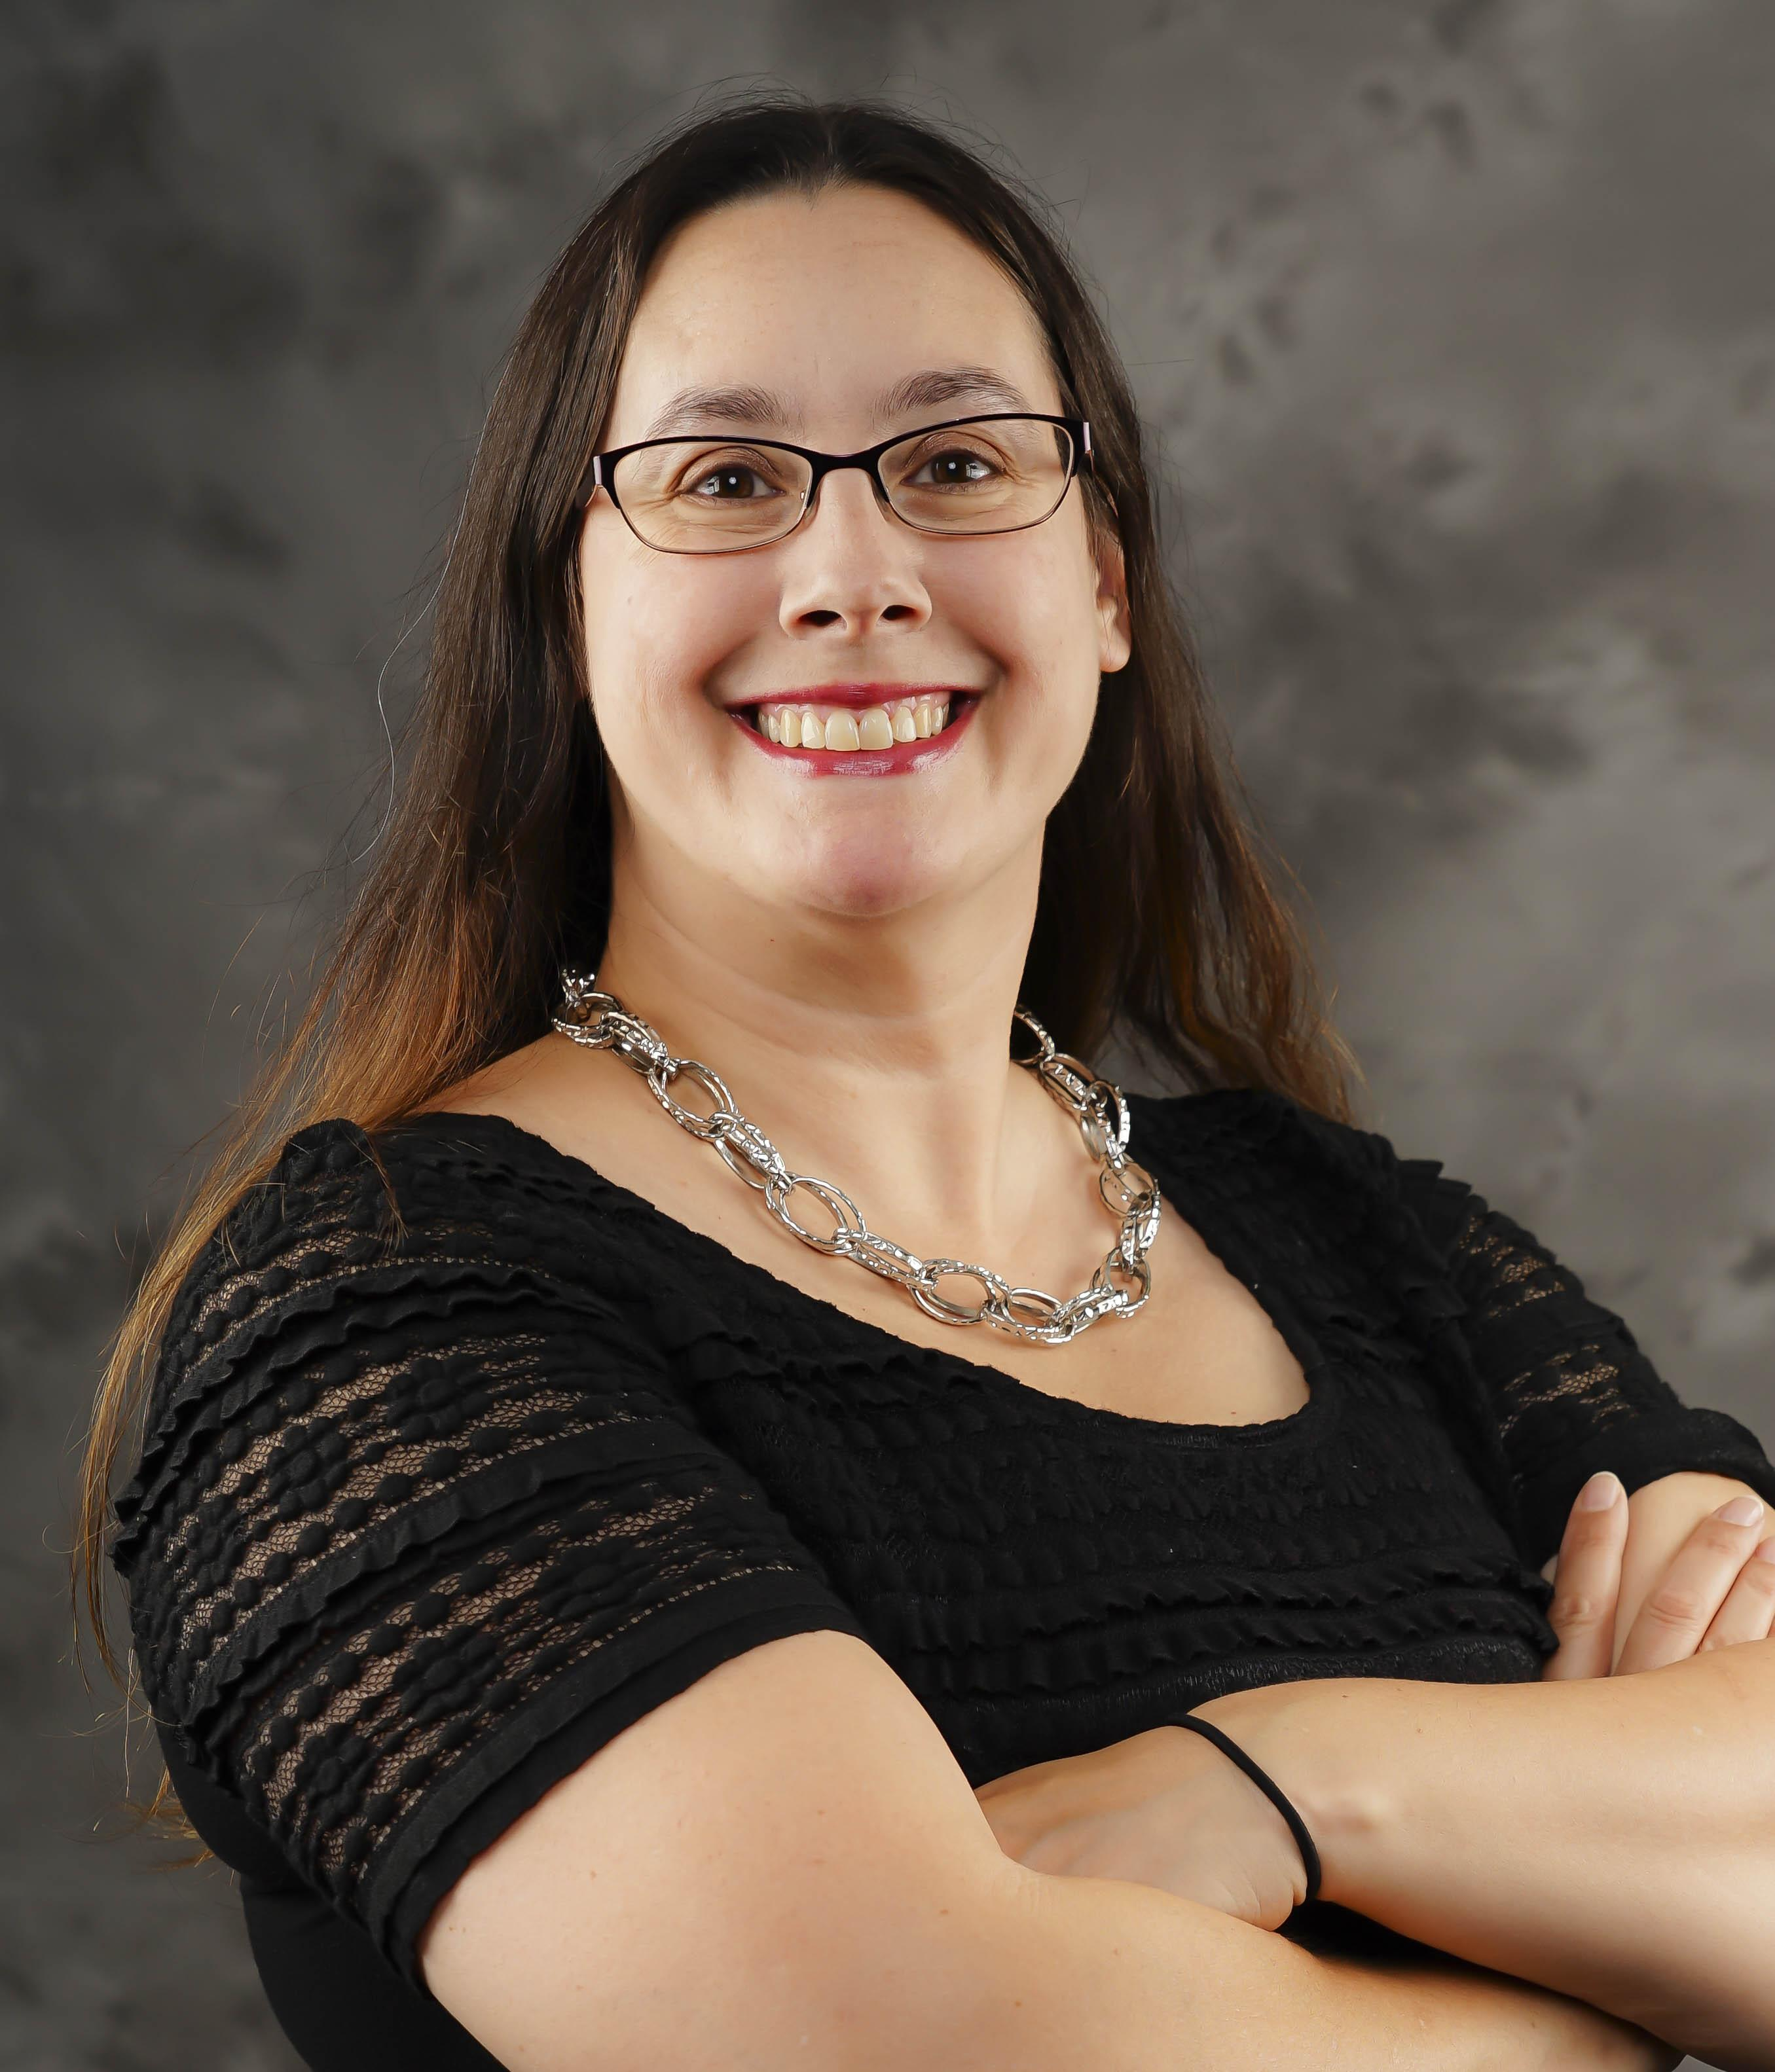 Kimberly Janik